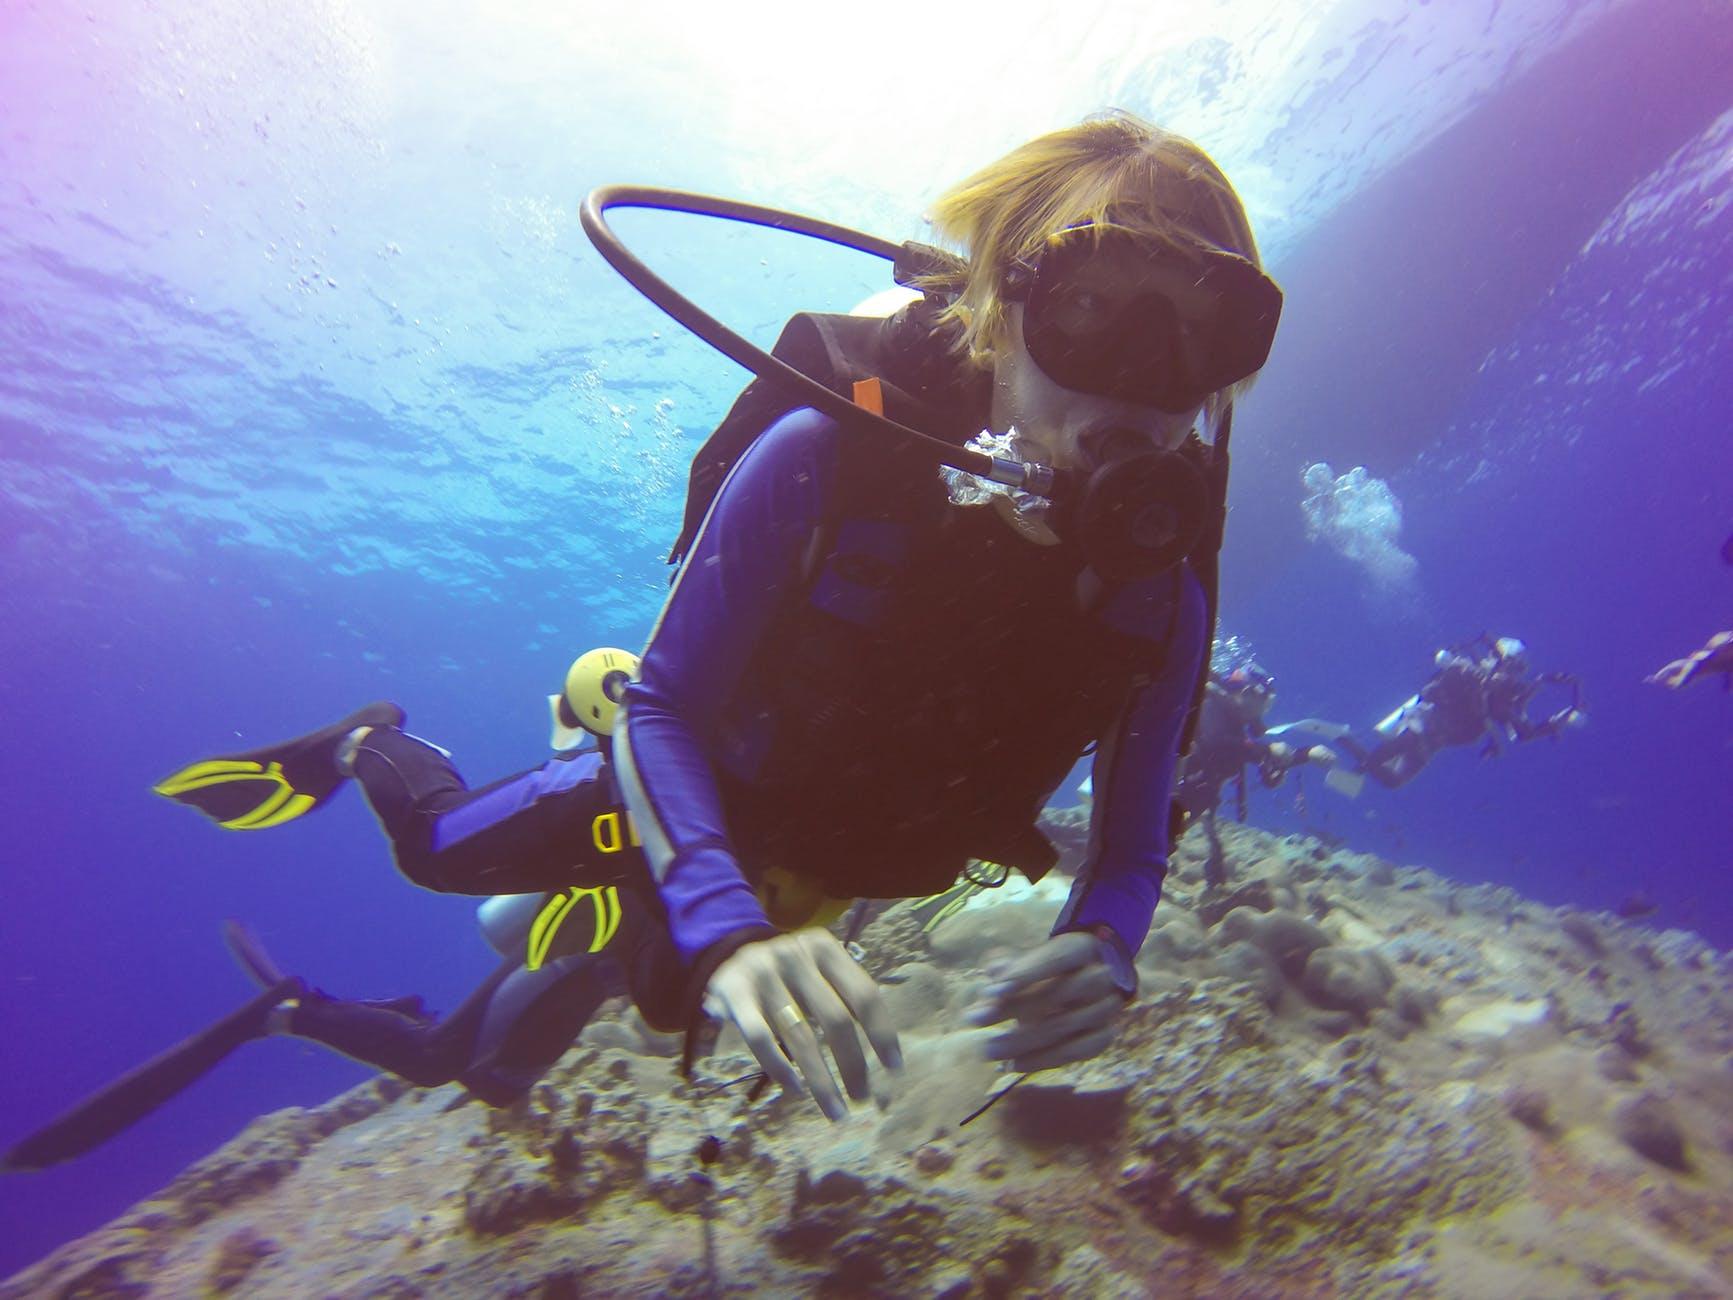 diver under the sea